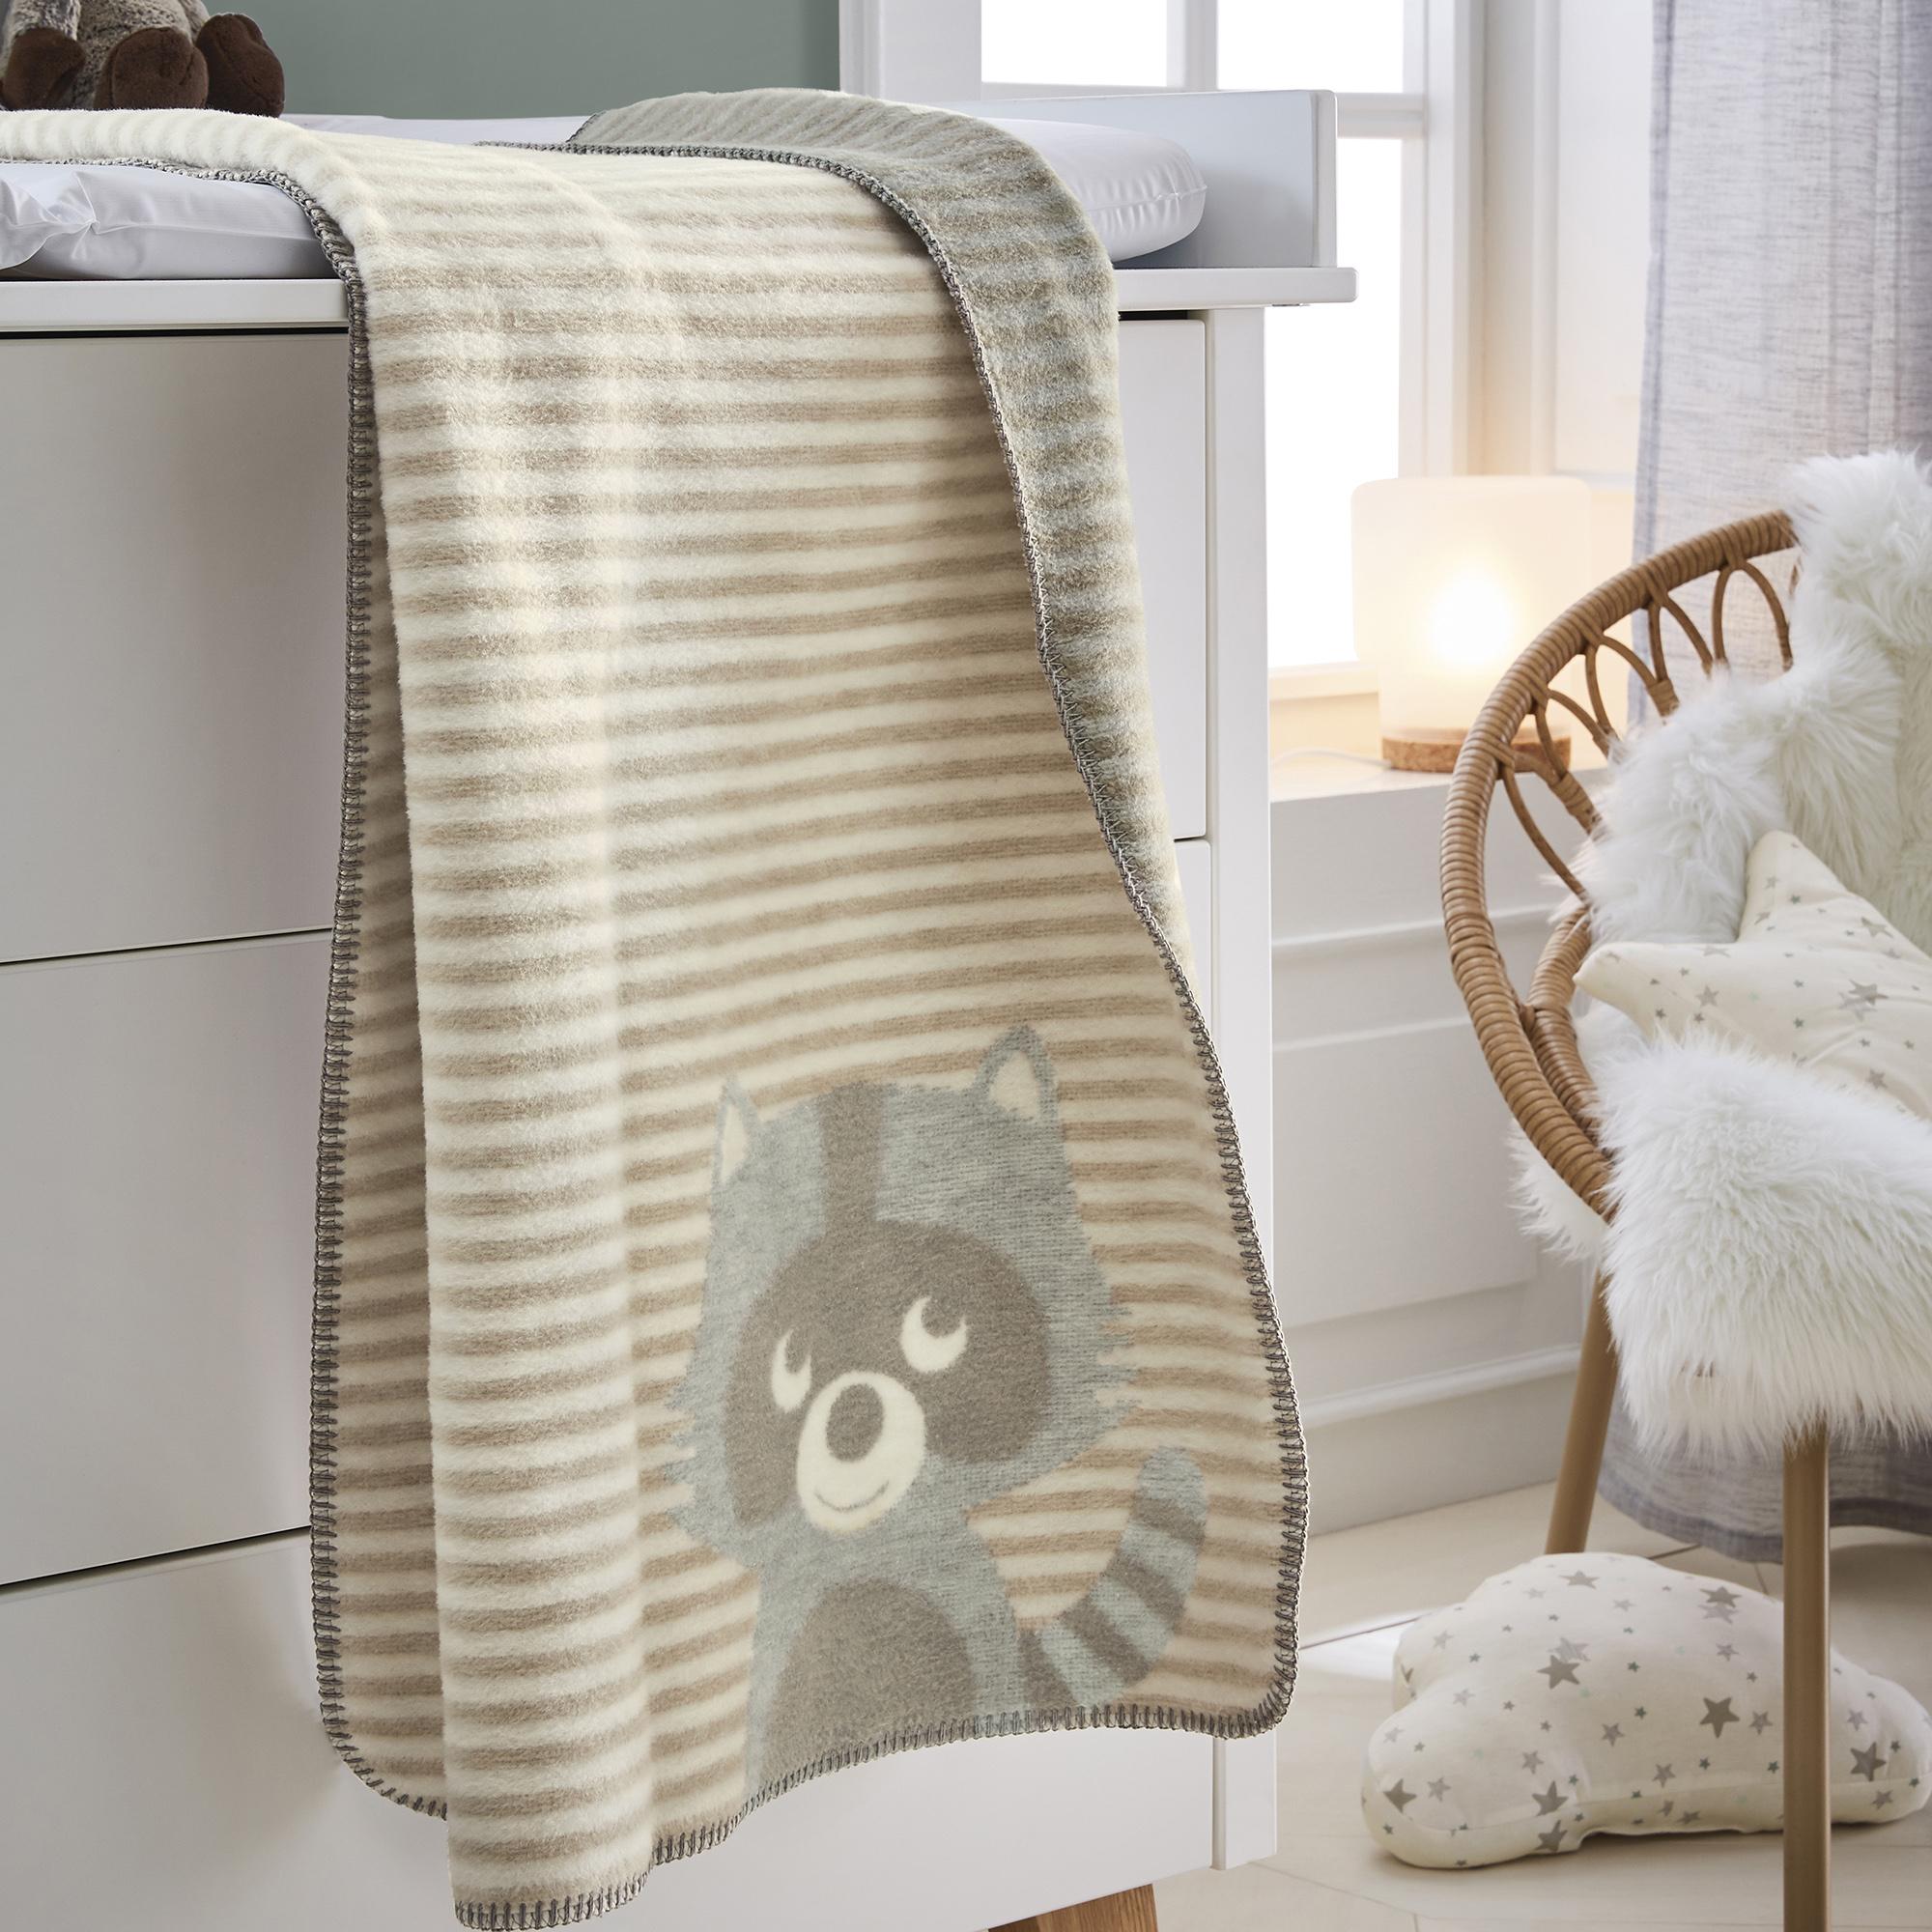 babydecke s oliver junior 1114 kinderdecke natur grau mit s em waschb rmotiv schmusedecke. Black Bedroom Furniture Sets. Home Design Ideas